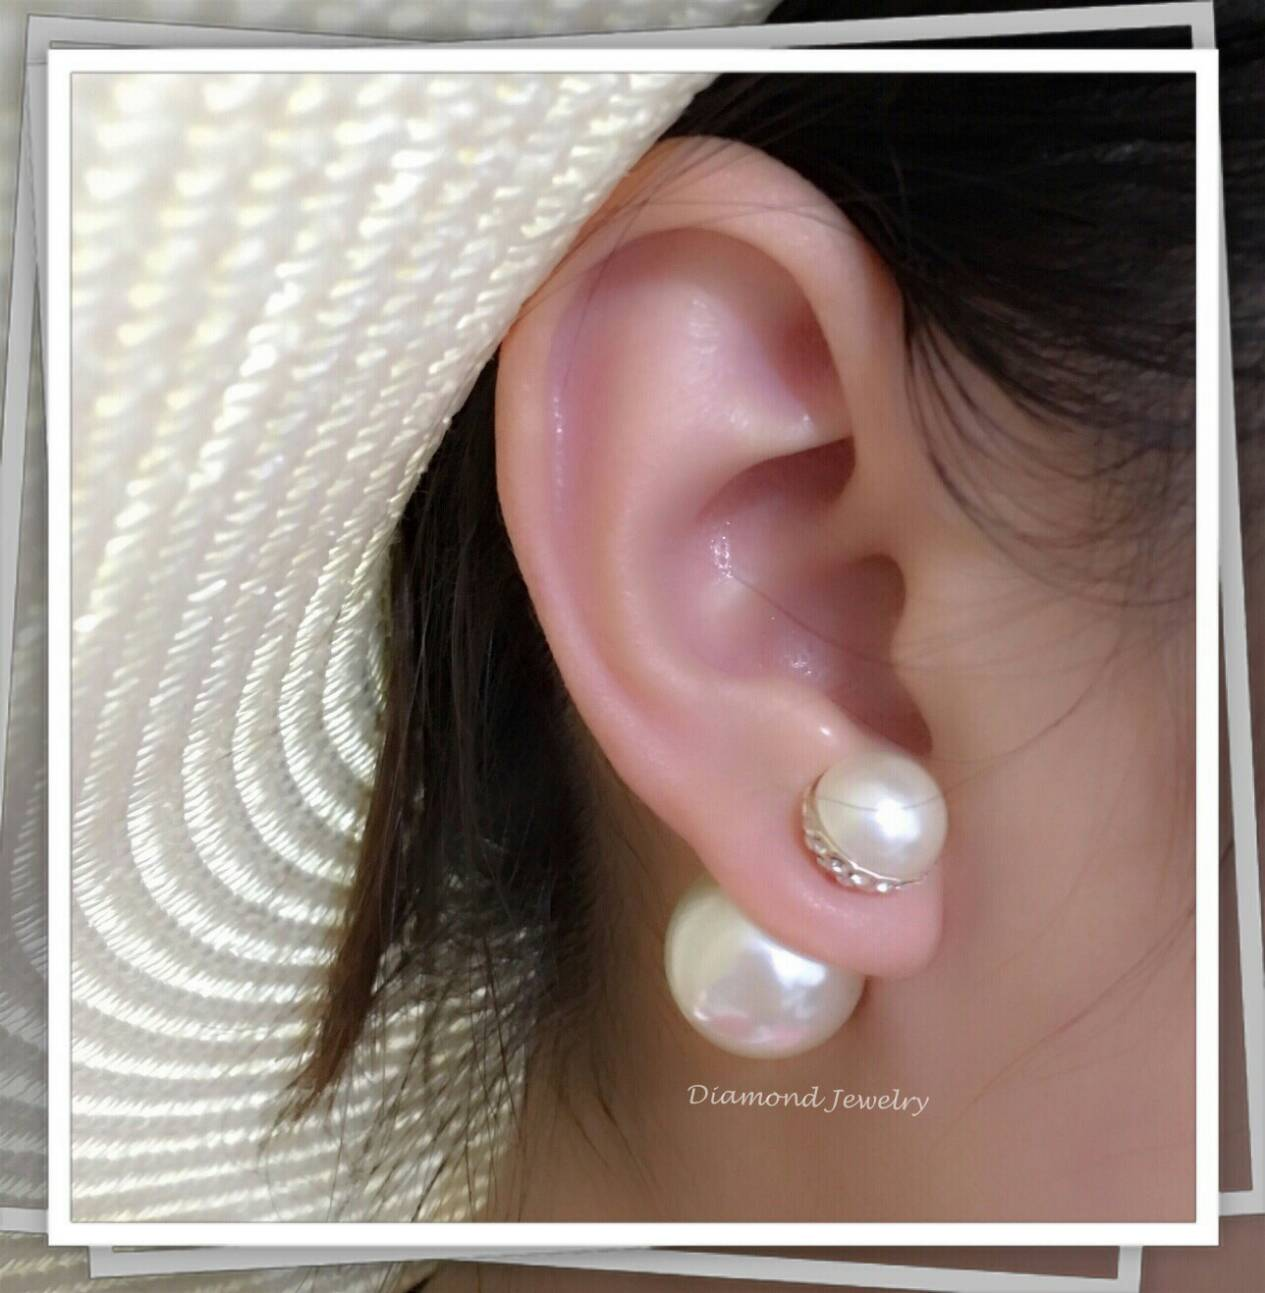 พร้อมส่ง Christian Dior Earring ต่างหูมุด Dior งานอย่างดี